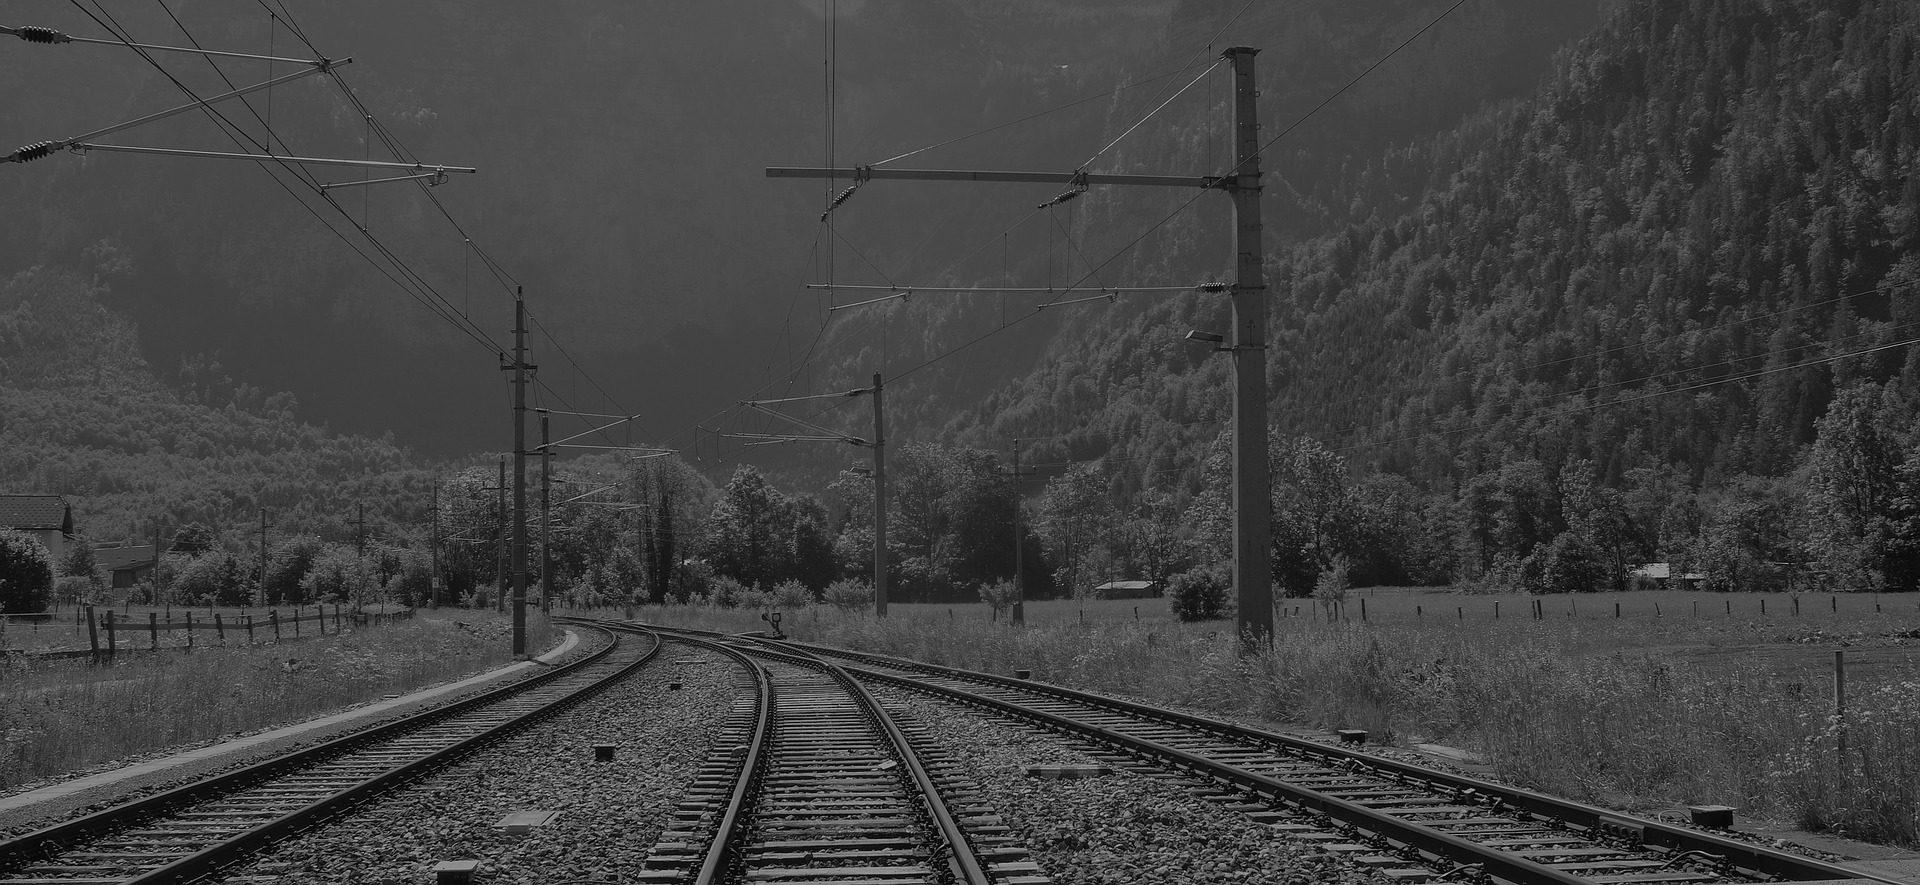 caminhos, trem, estrada de ferro, árvores, campo, em preto e branco - Papéis de parede HD - Professor-falken.com